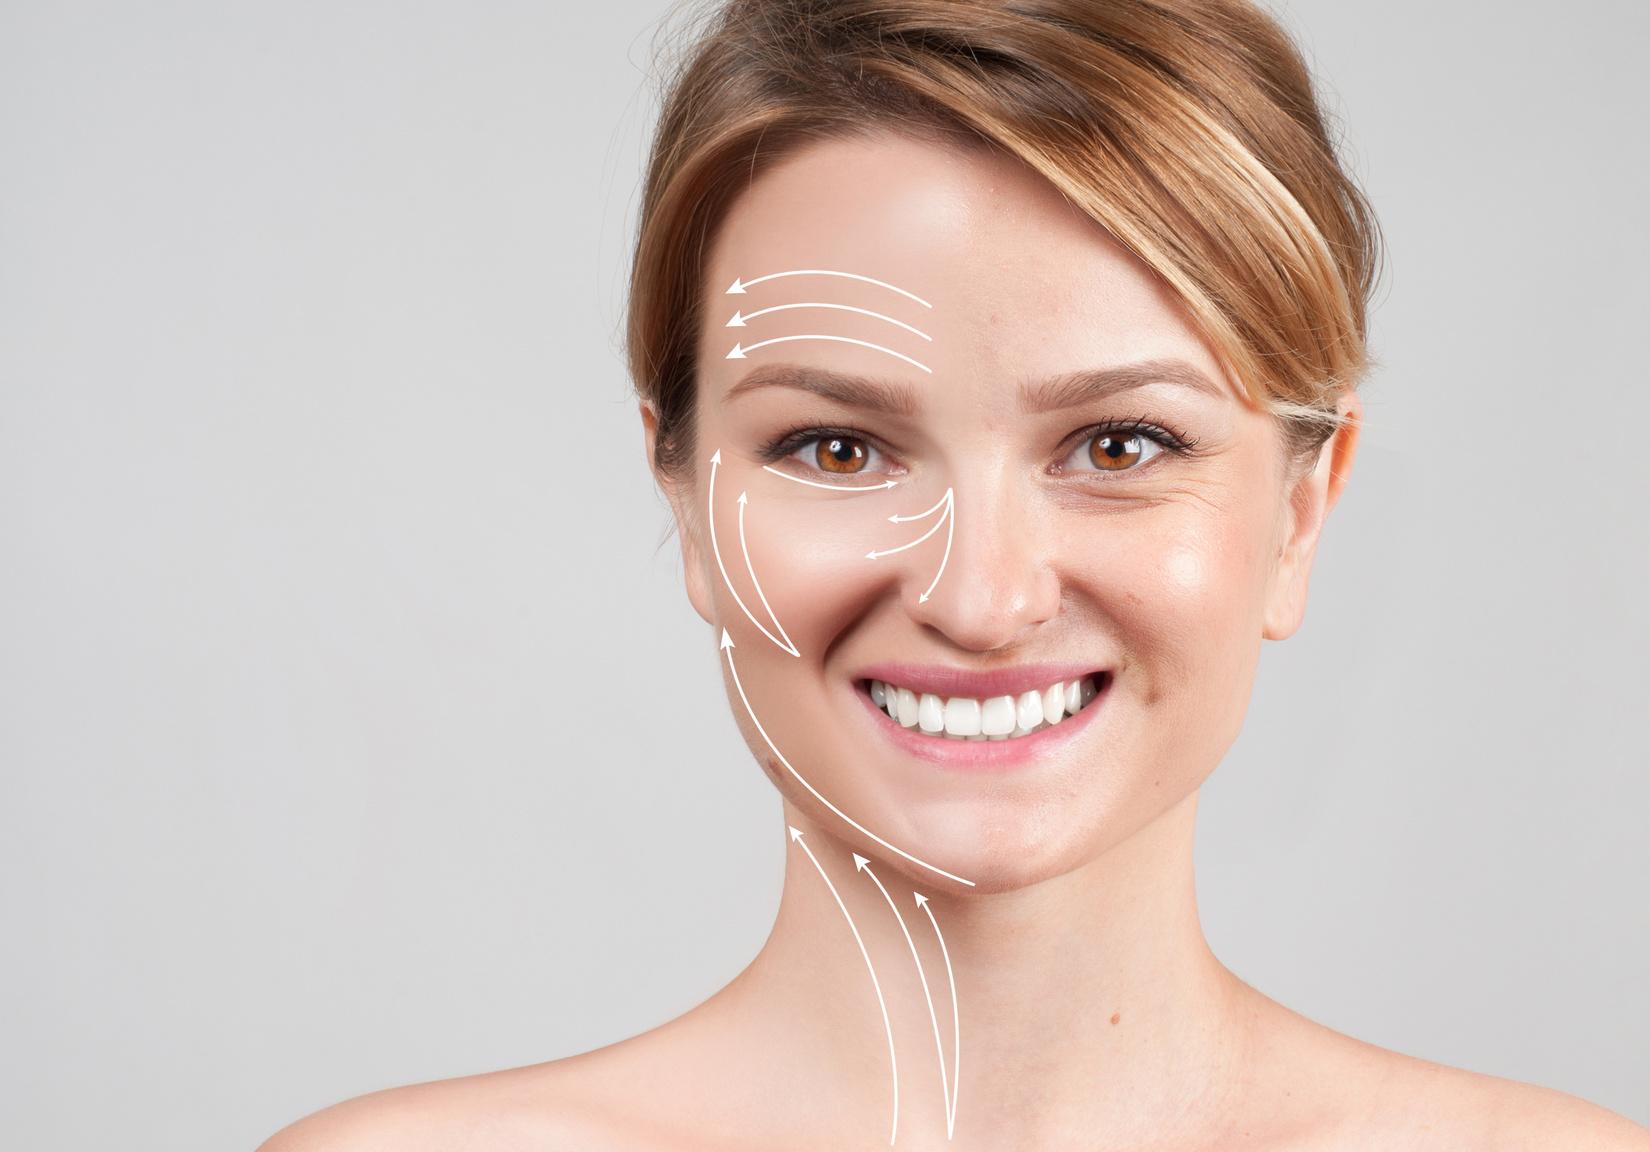 Utracona jędrność skóry na twarzy